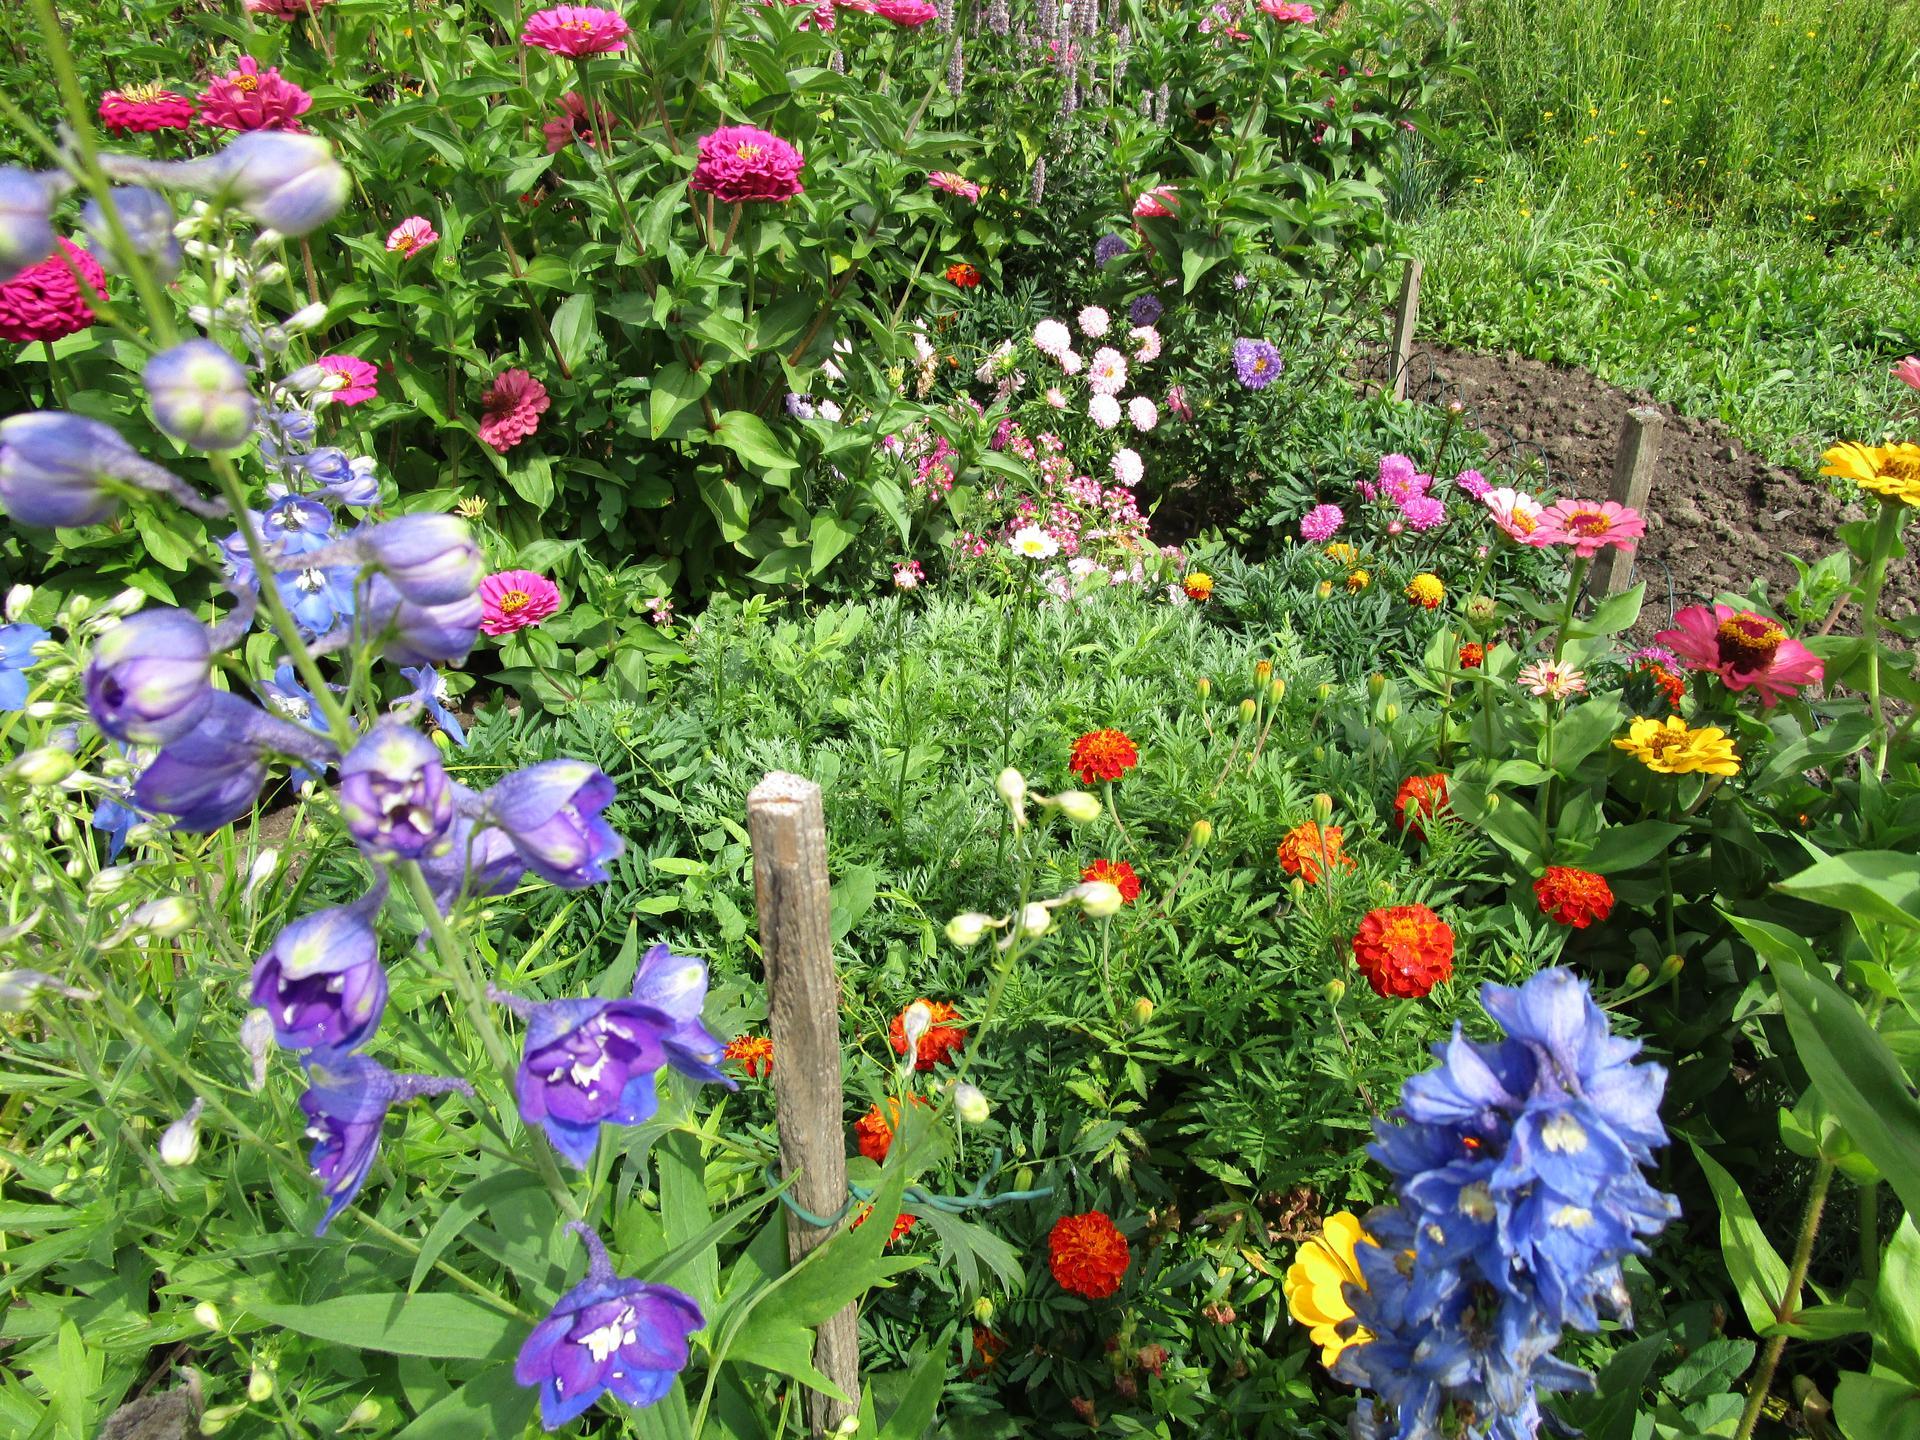 zahrada 2021 - letničkový